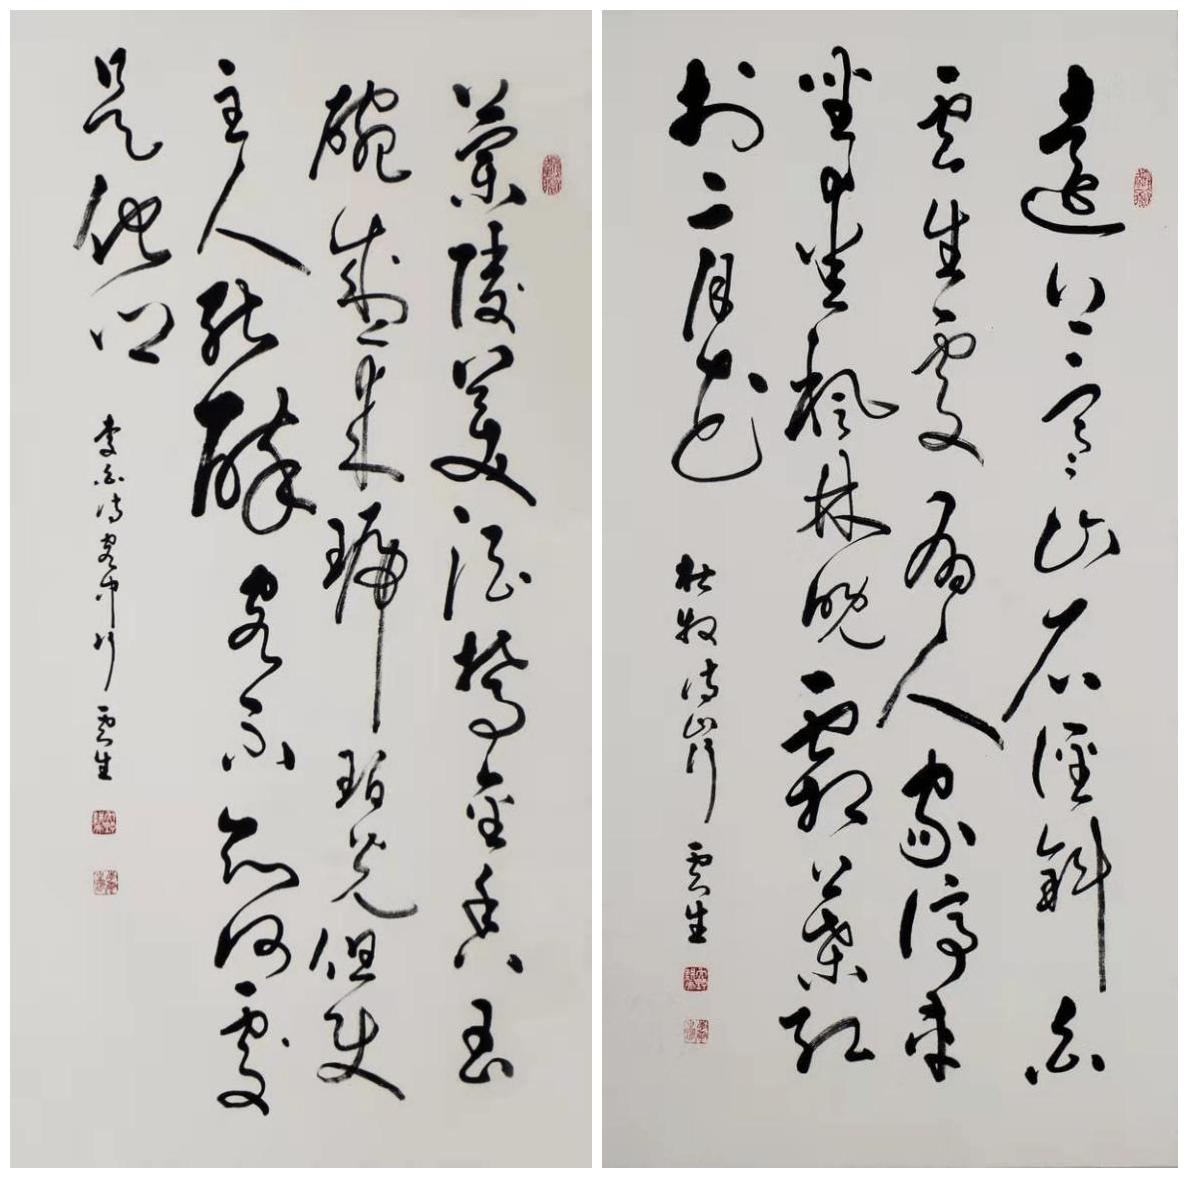 中国著名书法家李云生作品获国内外青睐,长幅作品获拍185万插图(5)